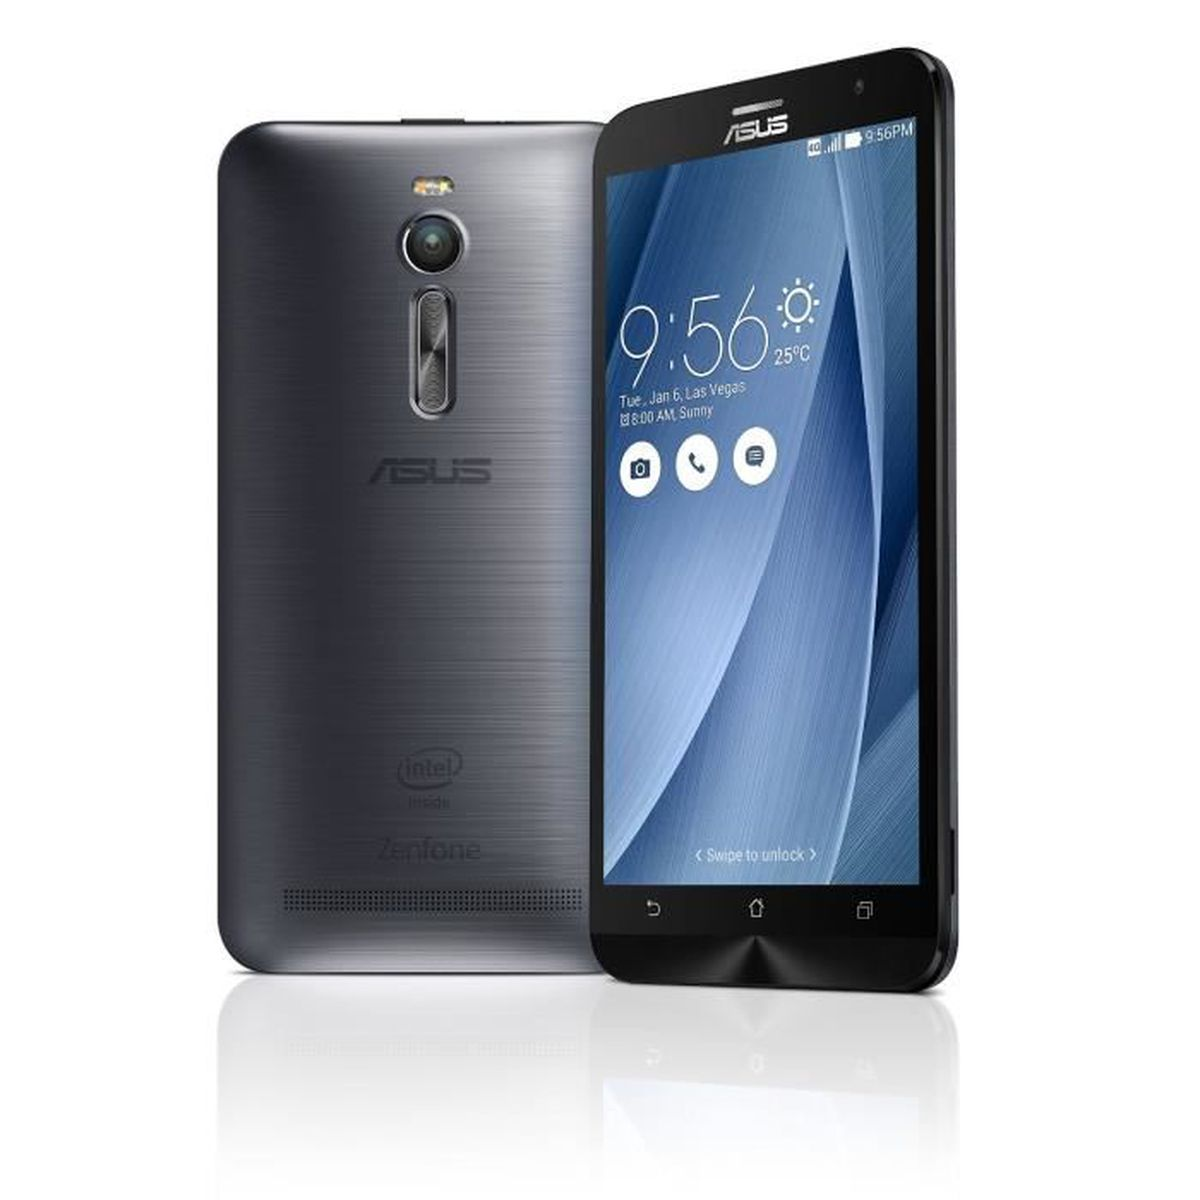 asus zenfone 2 ze551ml smartphone 4g ecran 5 5 pouces 4go 16go double sim android 5 0 lollipop. Black Bedroom Furniture Sets. Home Design Ideas